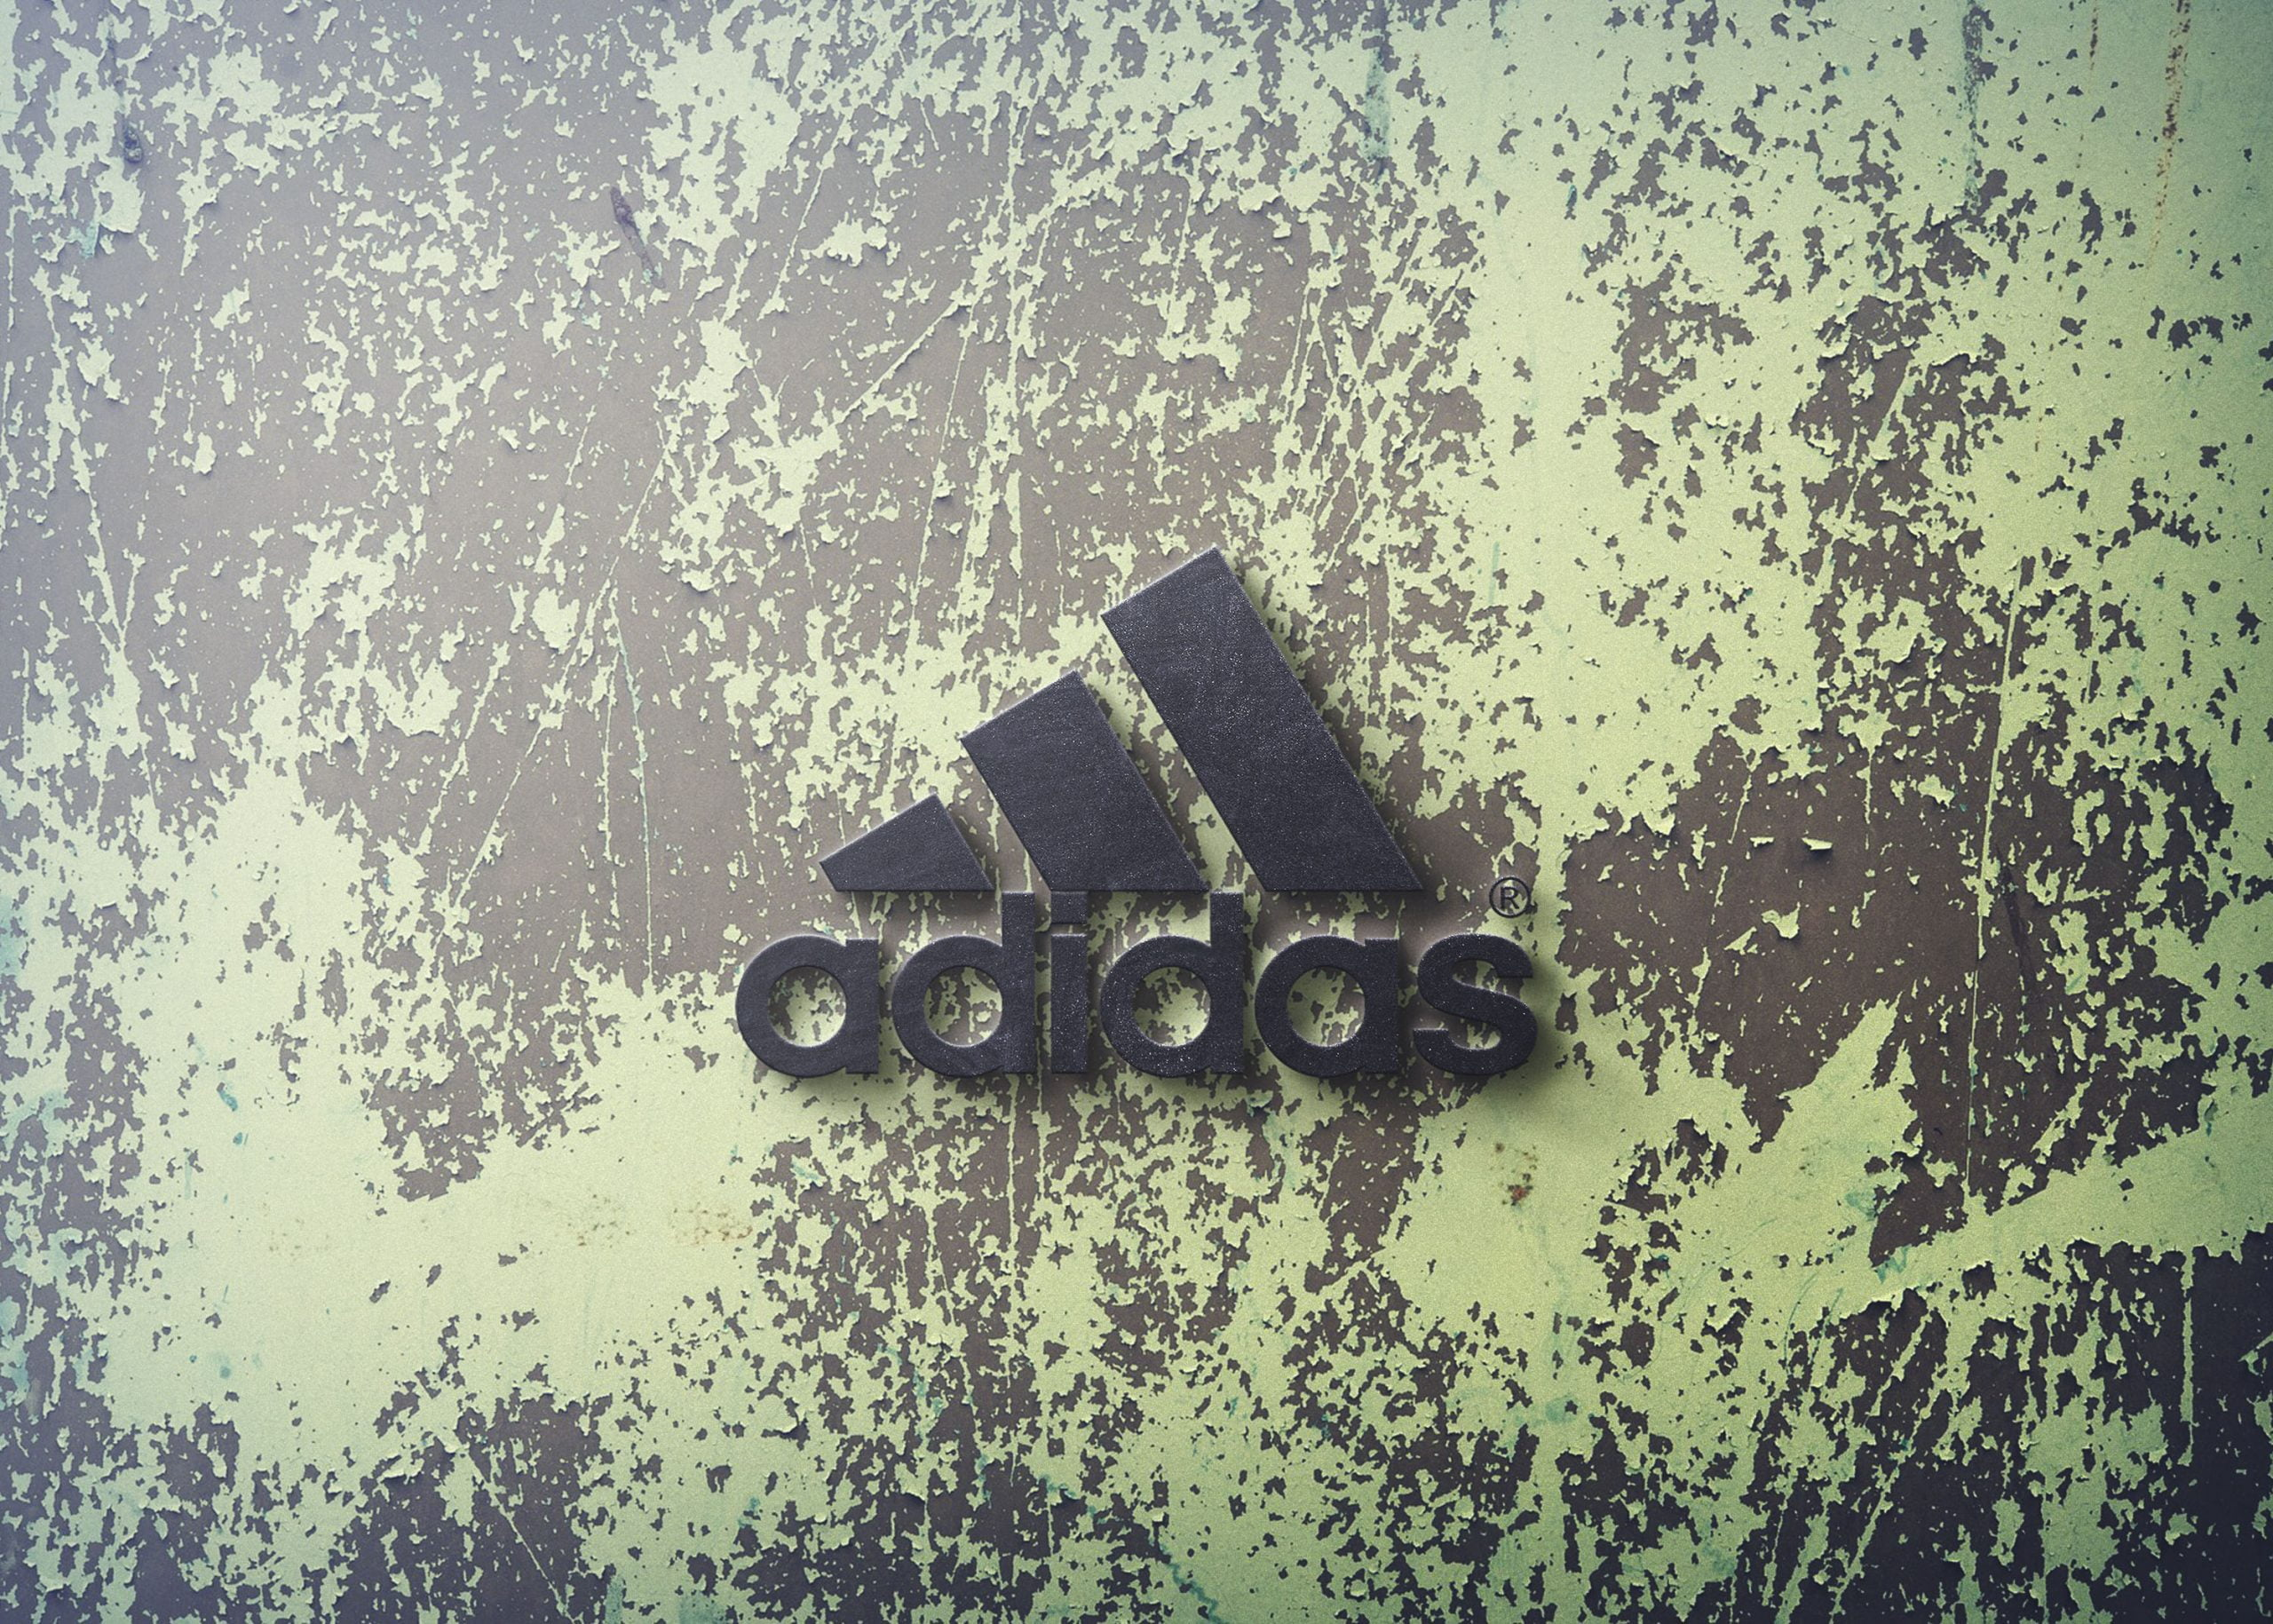 Adidas 3d wall logo mockup free